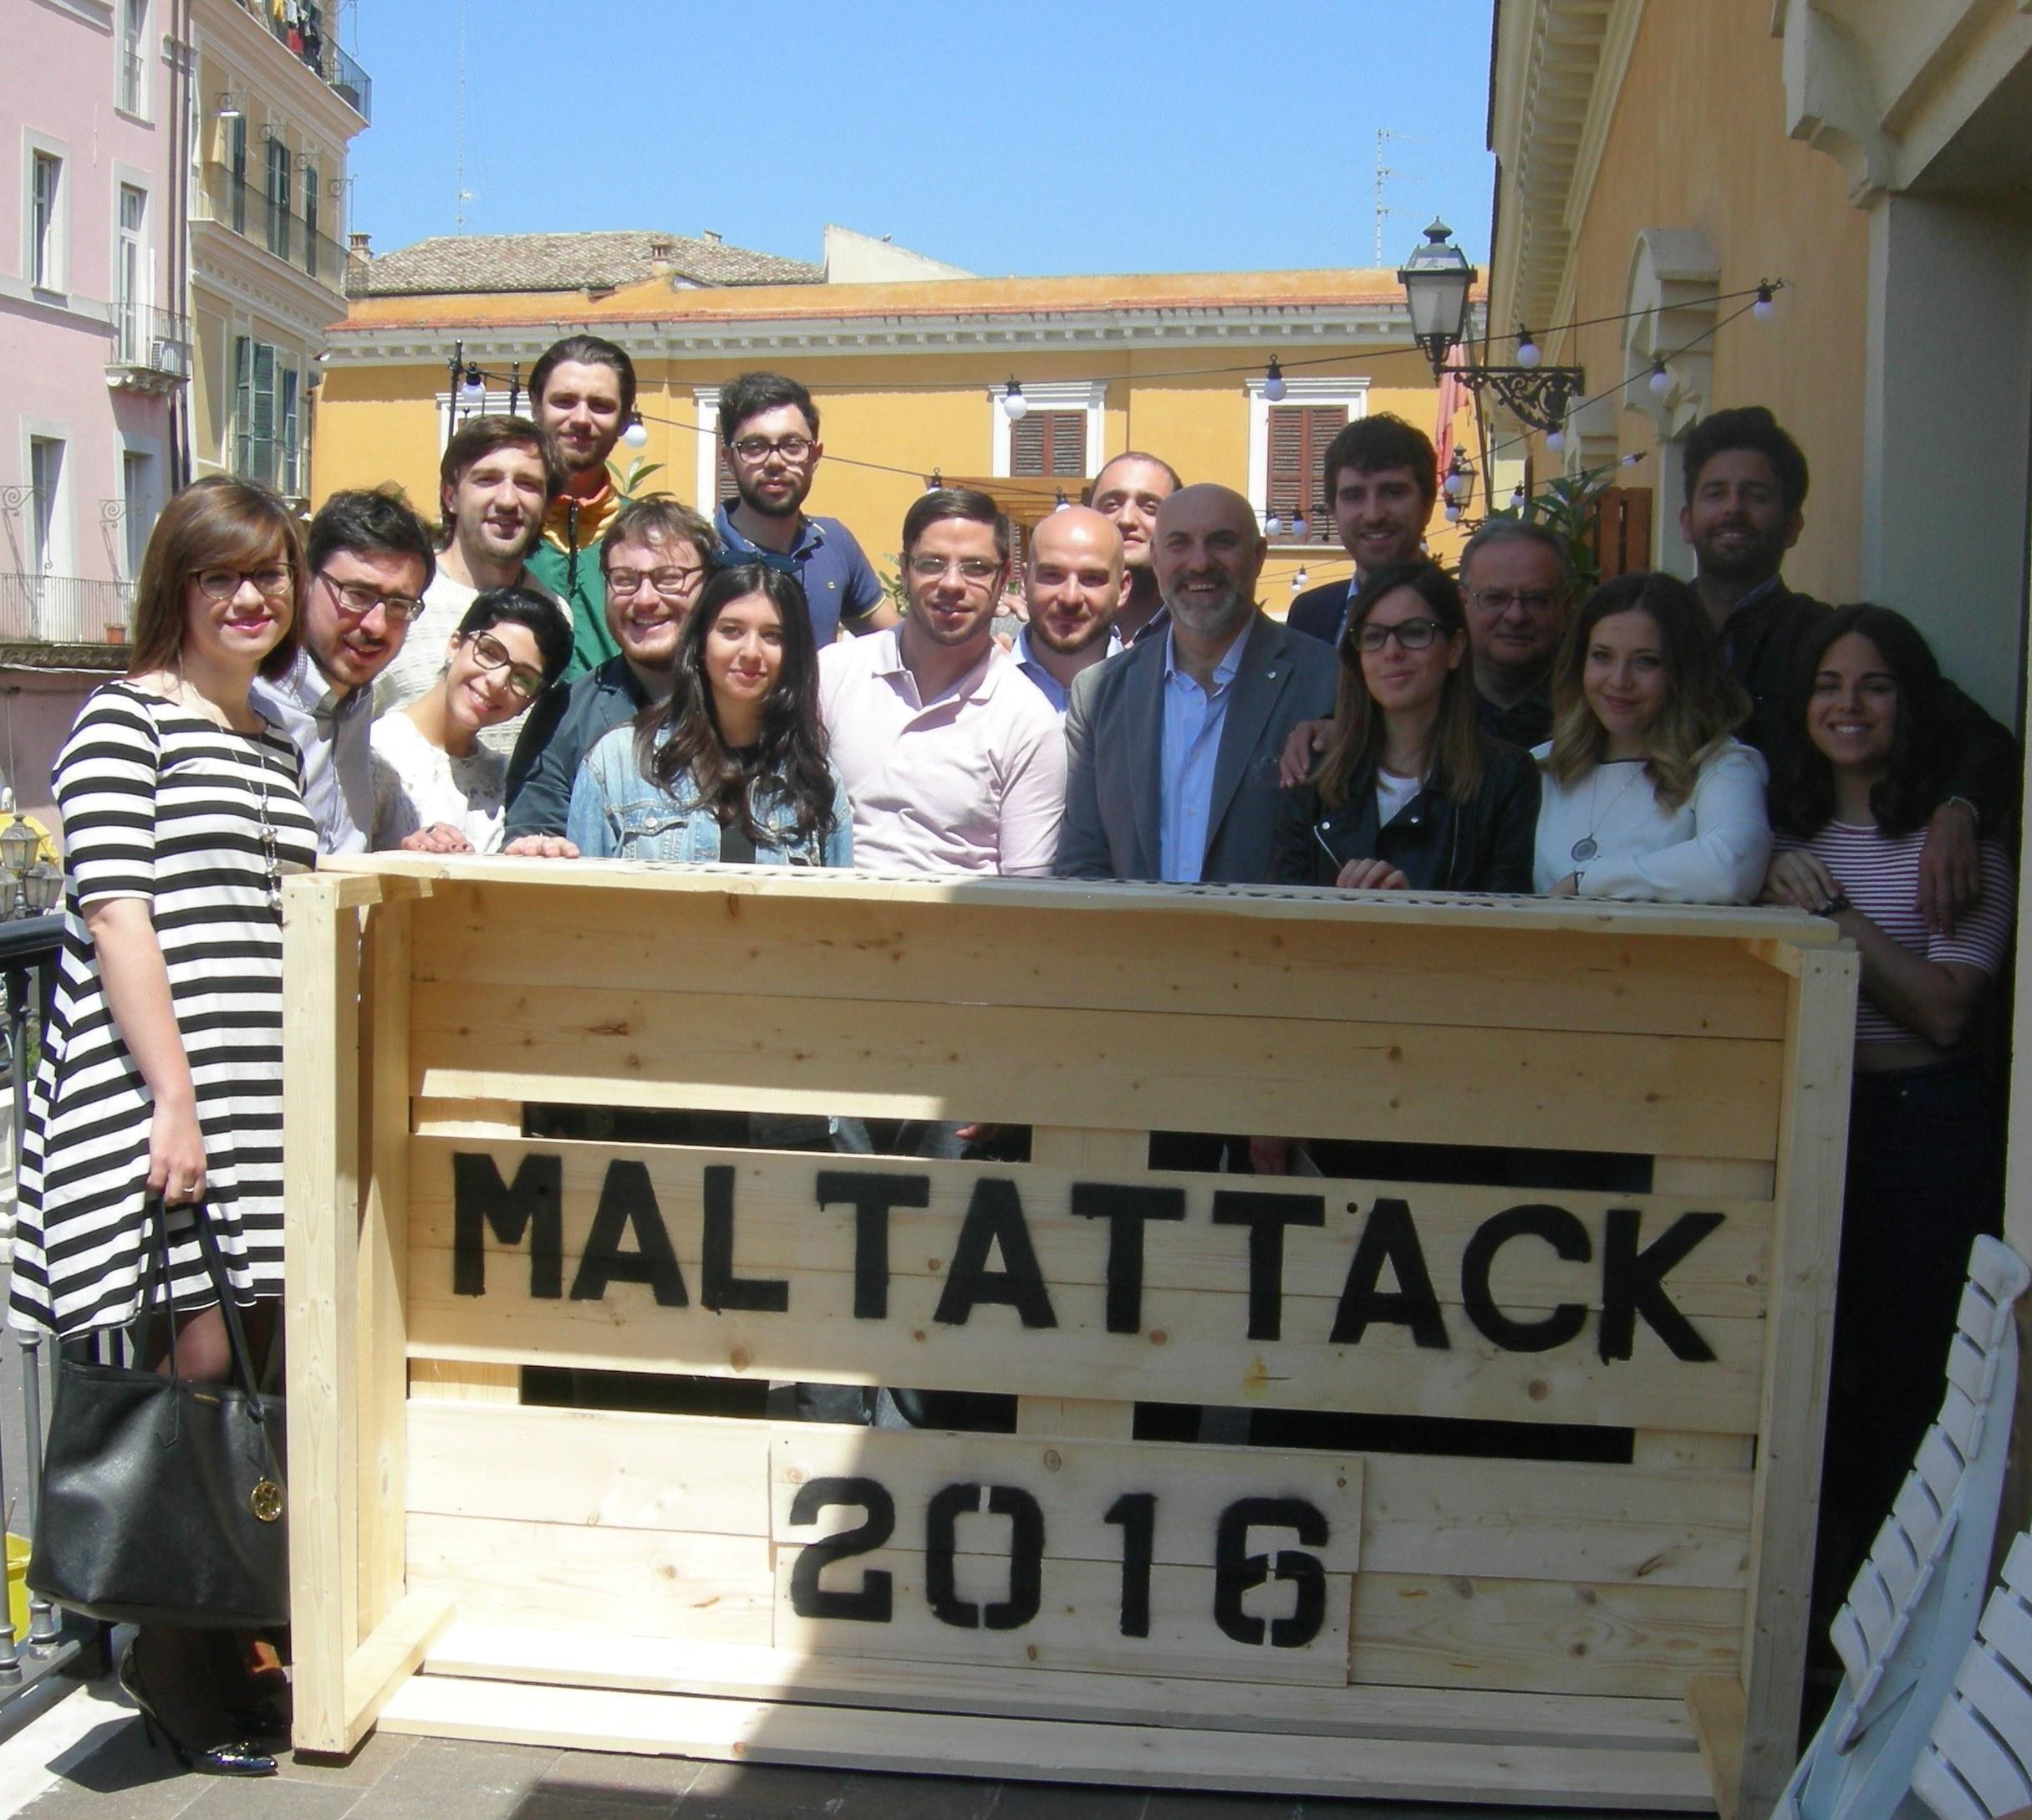 Chieti: Maltattack il 14 maggio